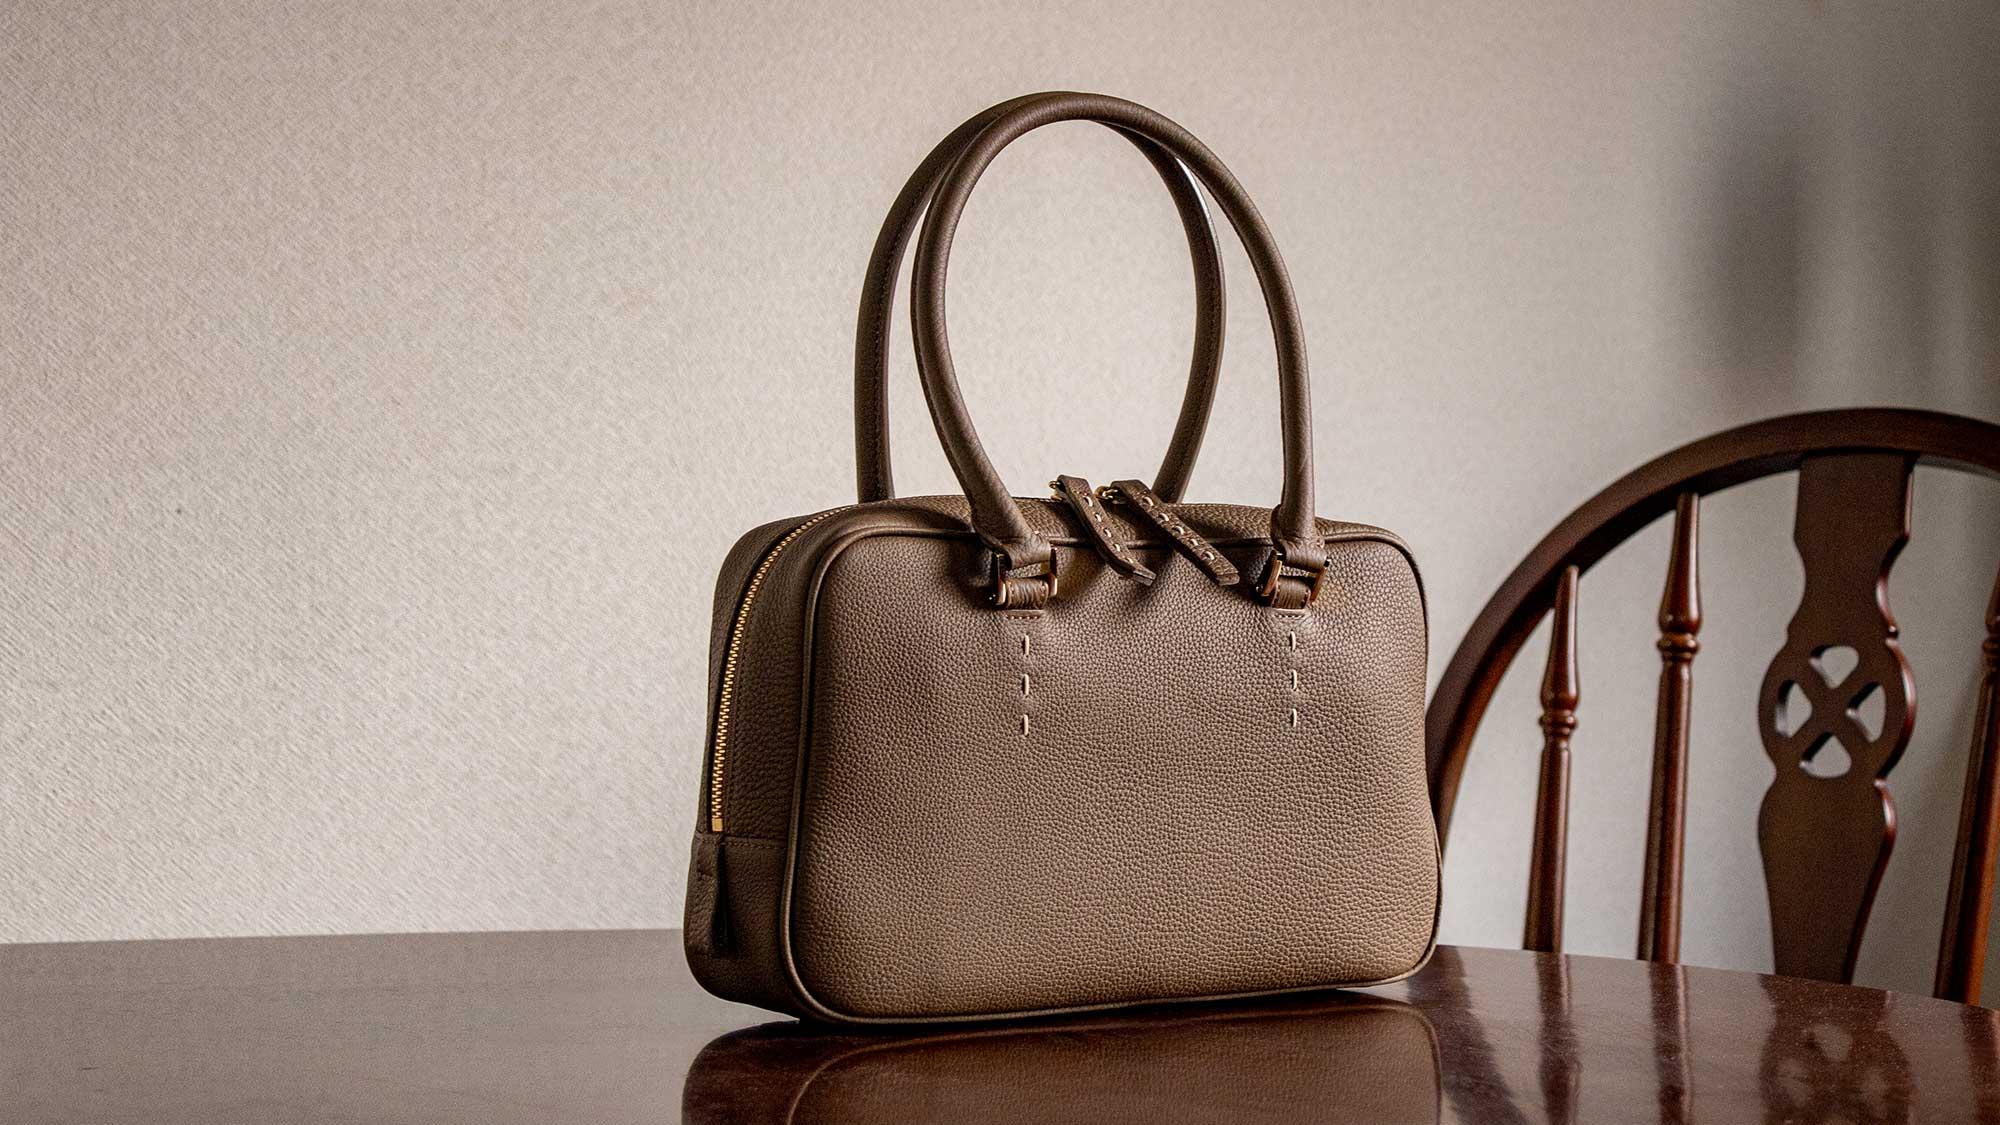 最高級シュリンクレザー・エスポワールで仕上げるプリュム型ハンドバッグ「STEPHANIE」は、フェミニン&カジュアルで、どんなコーデでもおまかせです。